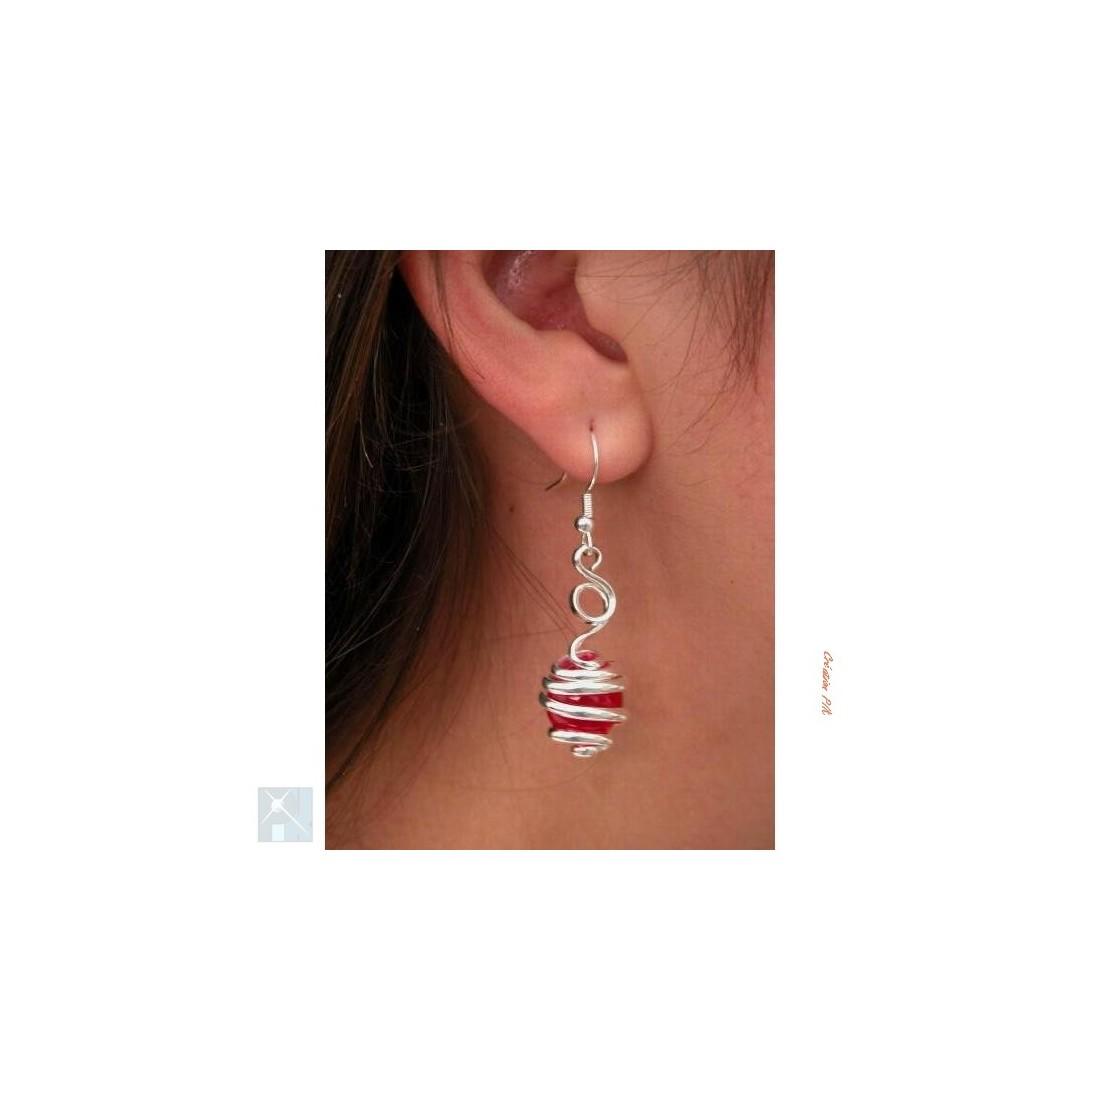 Boucles d'oreilles, création artisanale argent.